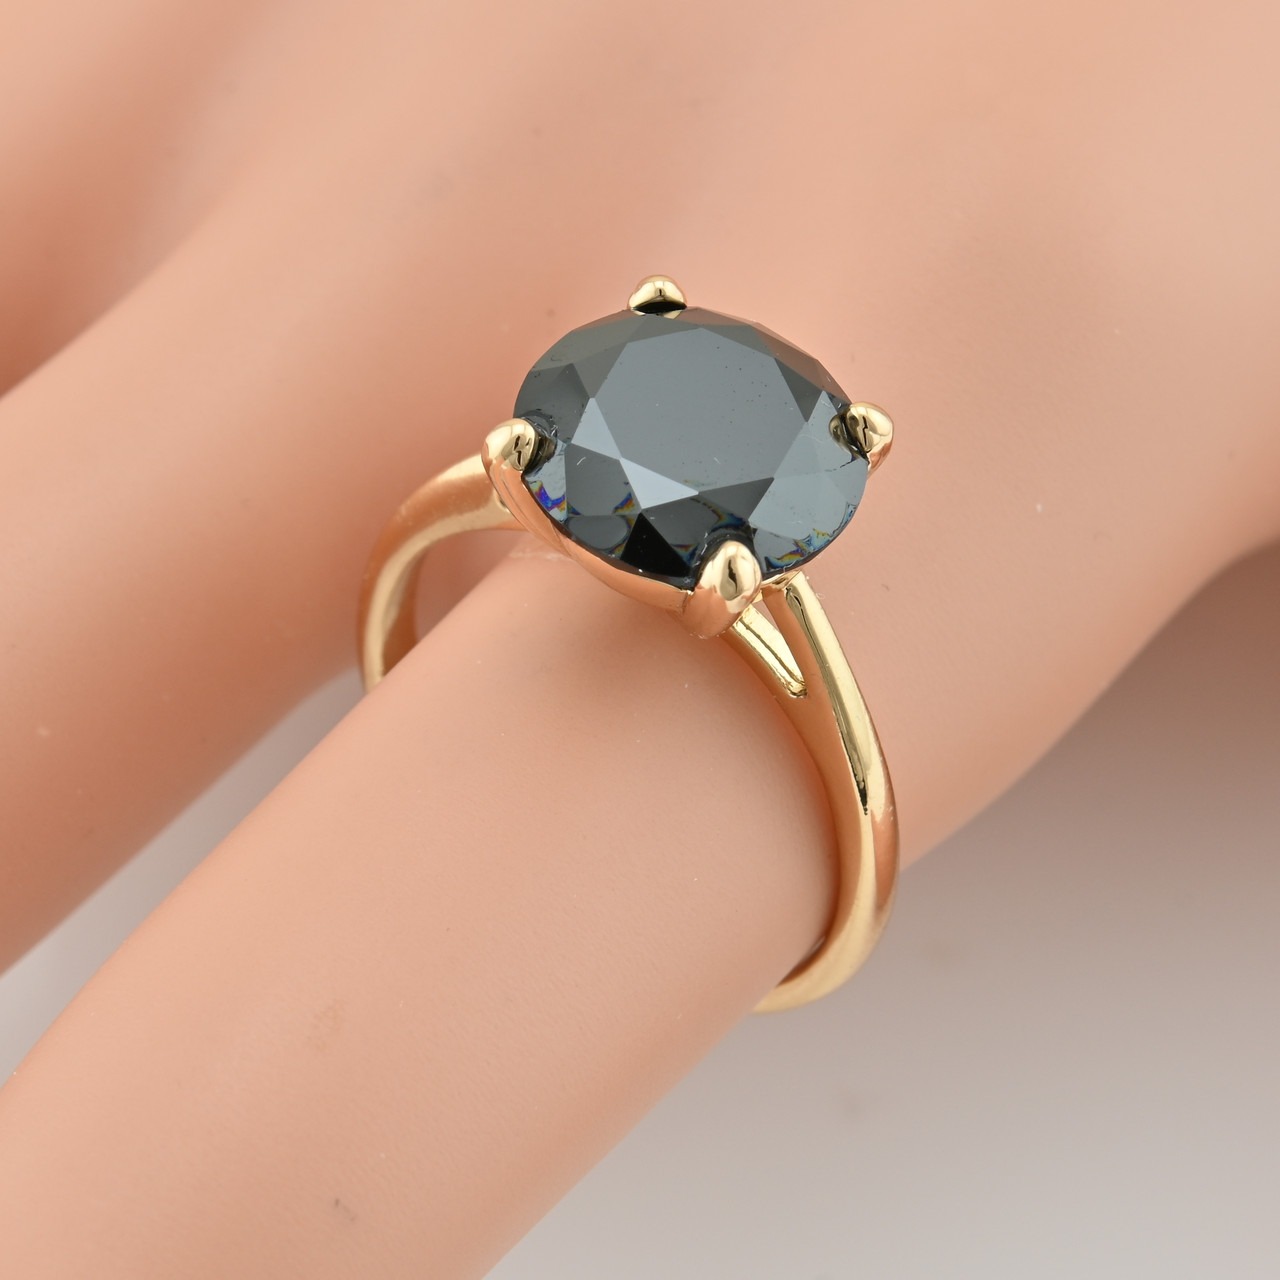 Кольцо Xuping 15083 размер 18 ширина 11 мм вес 3.9 г черные фианиты позолота 18К